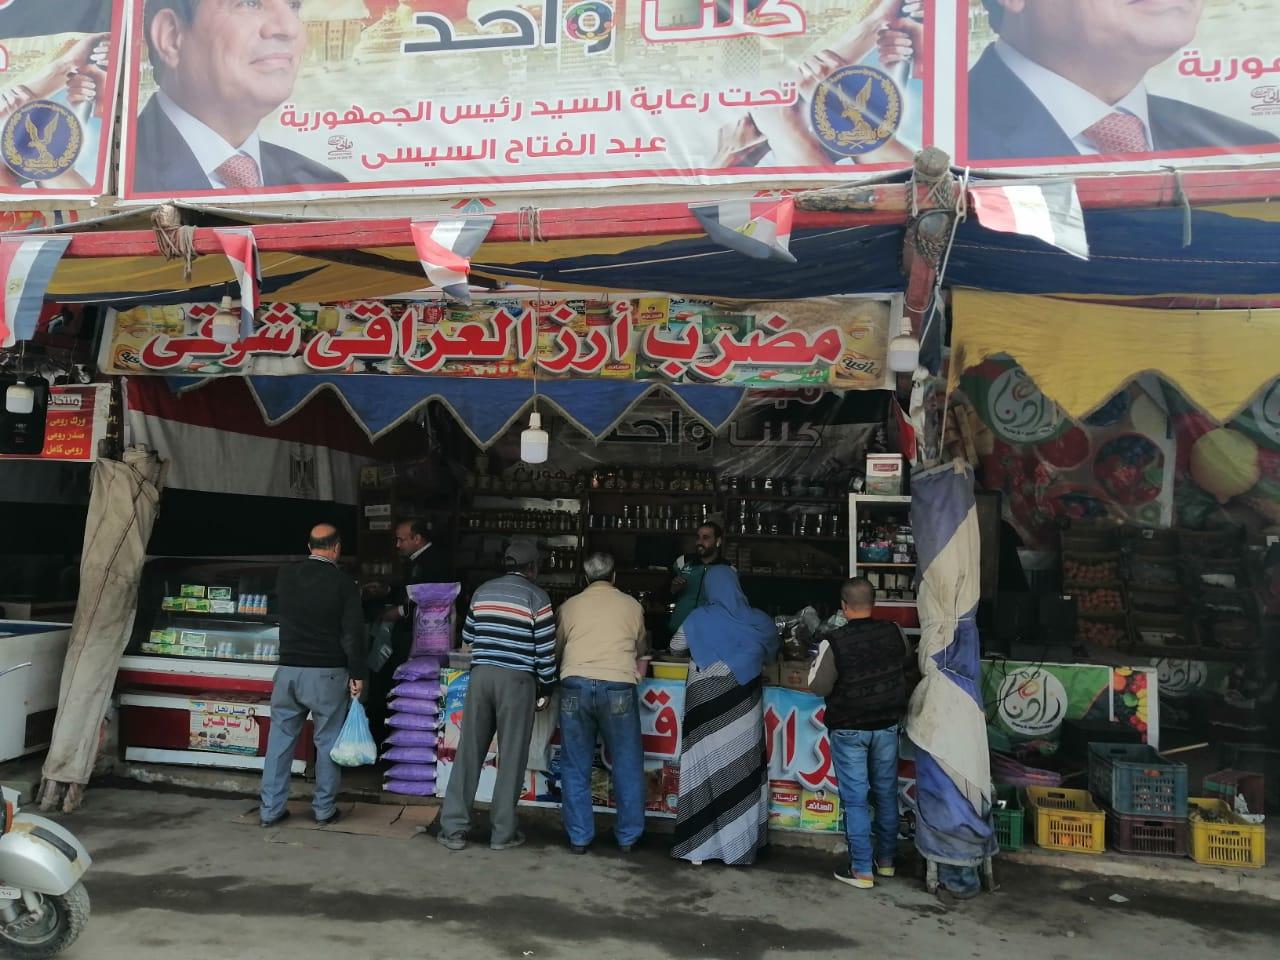 اسواق تحيا مصر للخضر والفاكهة بالغربية (2)